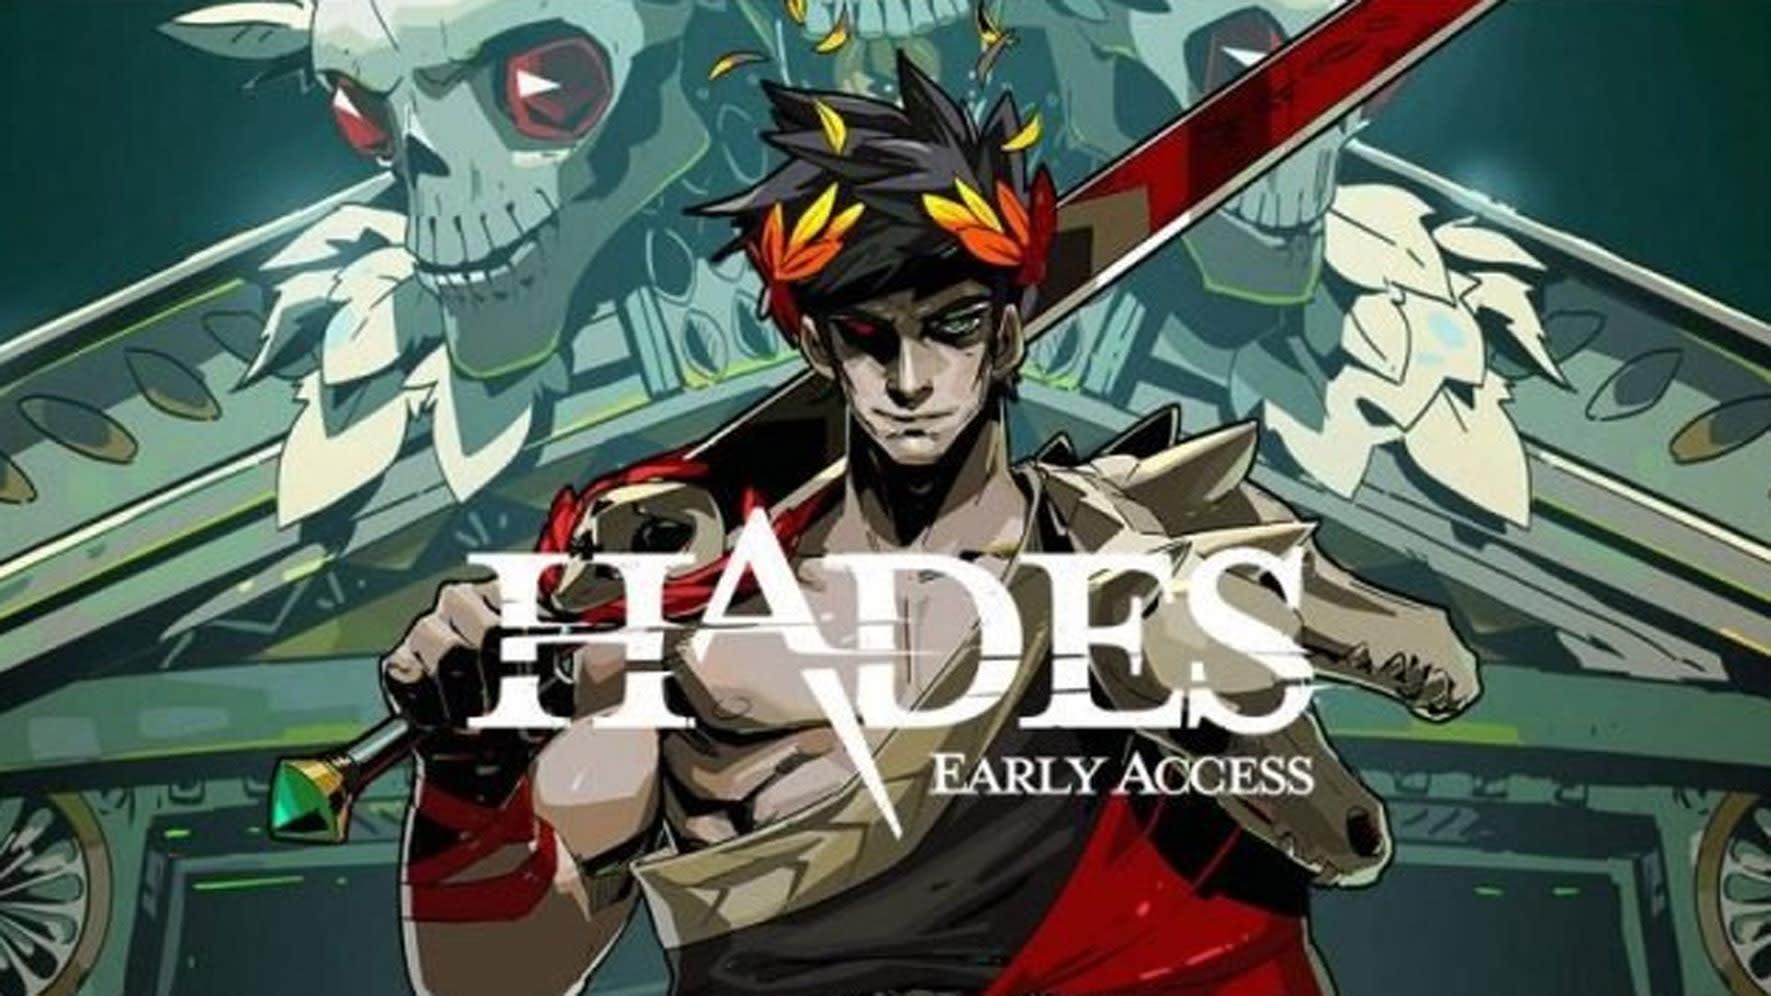 Hades 是一款動作戰鬥遊戲。(圖源:Hades)